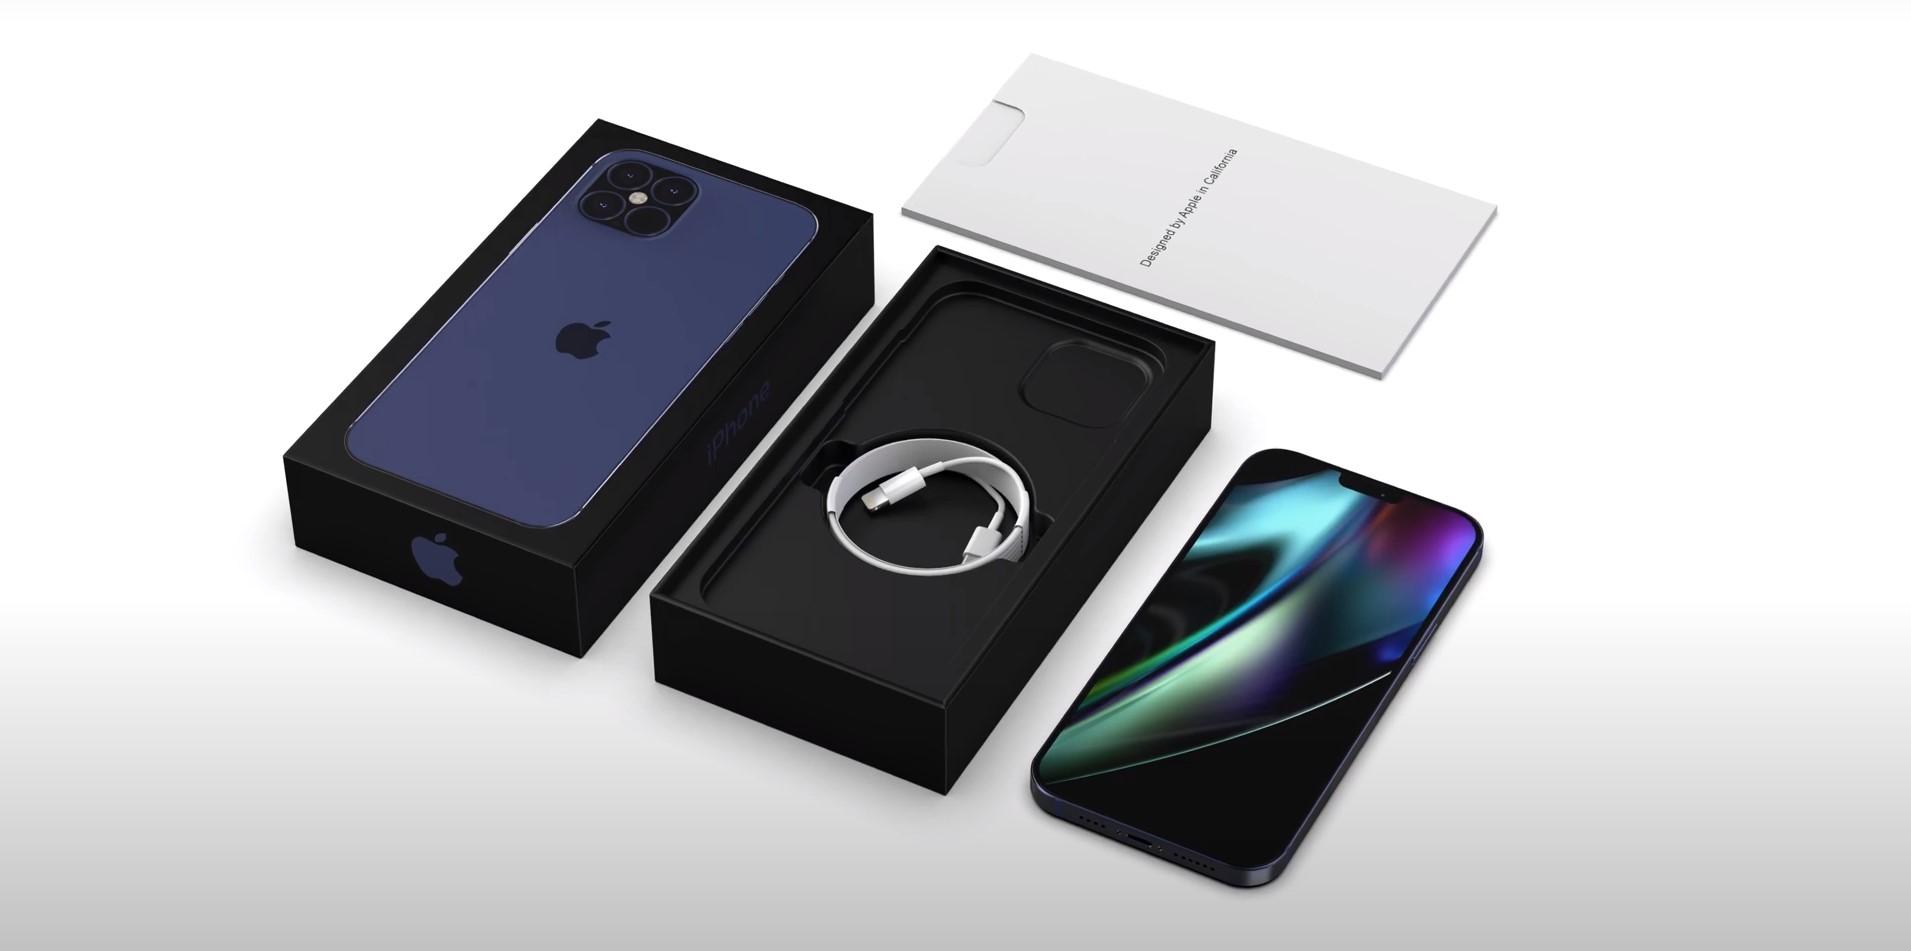 iPhone12 tokok széles válaszétka az AppleKing.hu weboldalon